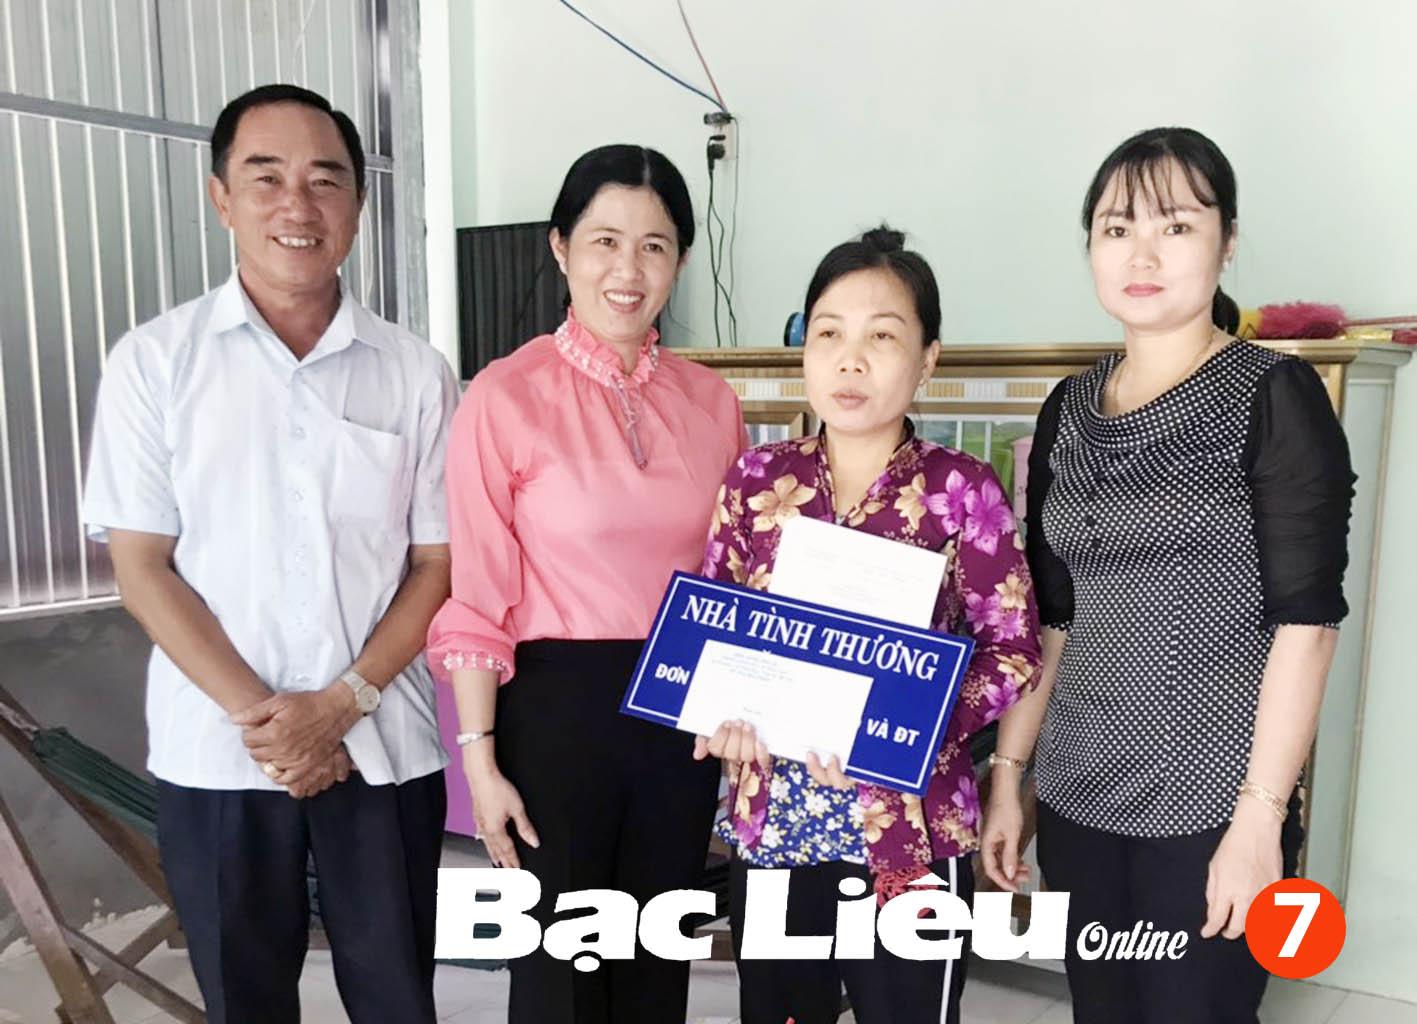 Ngành Giáo dục huyện Vĩnh Lợi: Tưng bừng hoạt động vui xuân đón tết